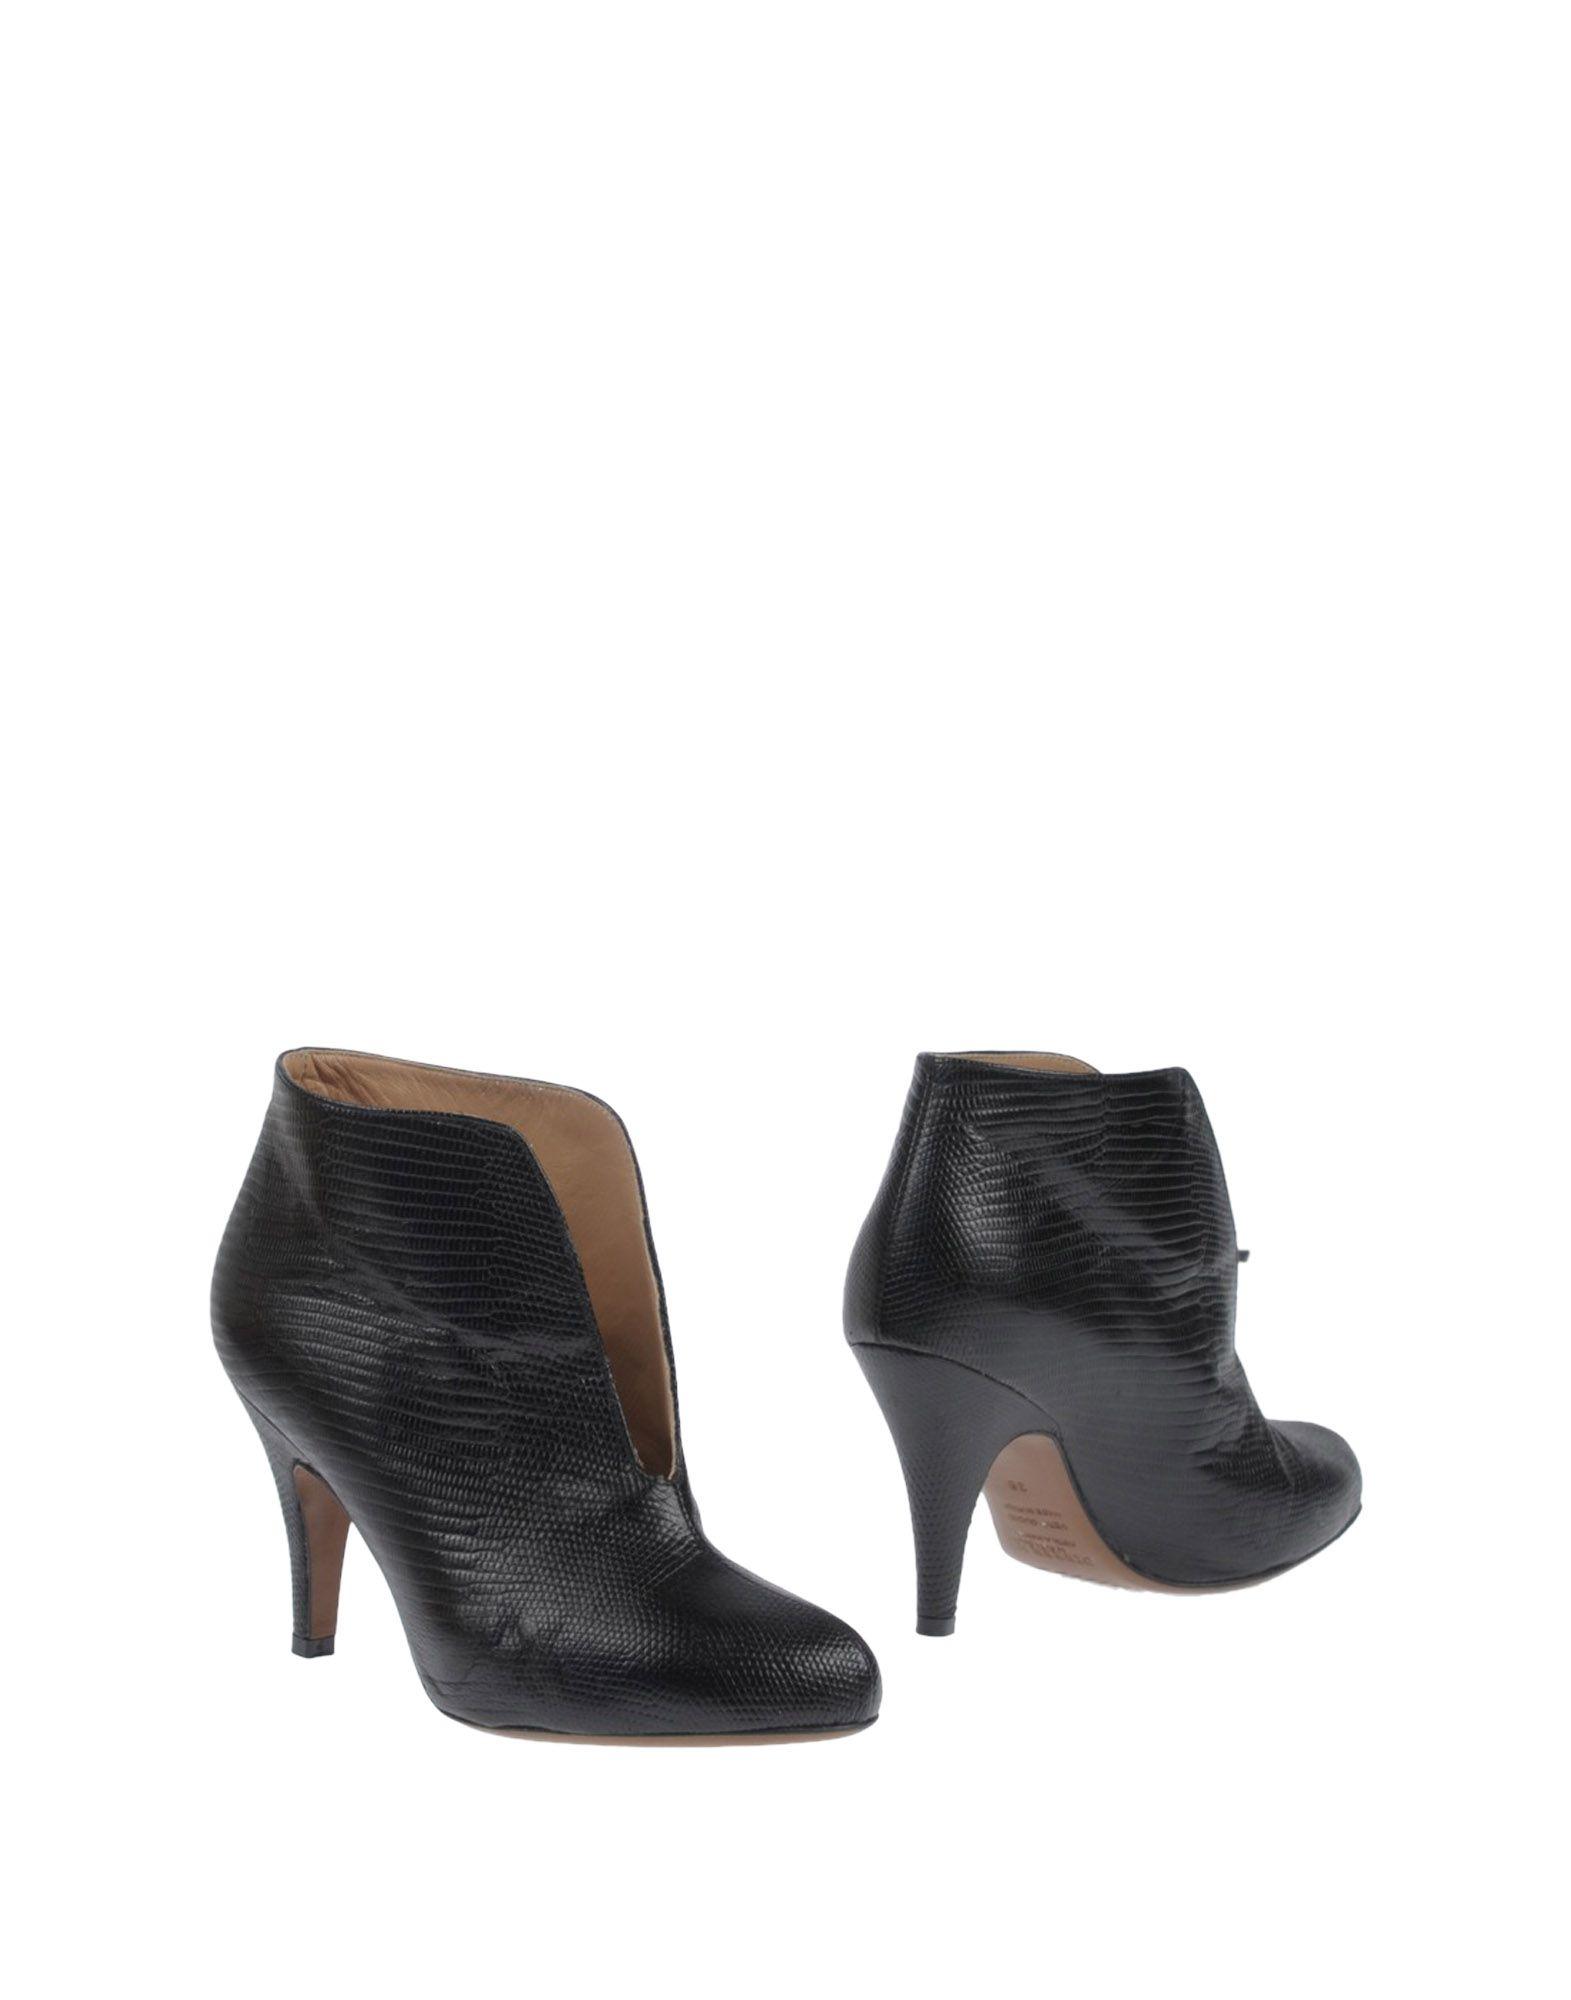 Dibrera By Paolo Zanoli Stiefelette Damen  11445437ADGut aussehende strapazierfähige Schuhe